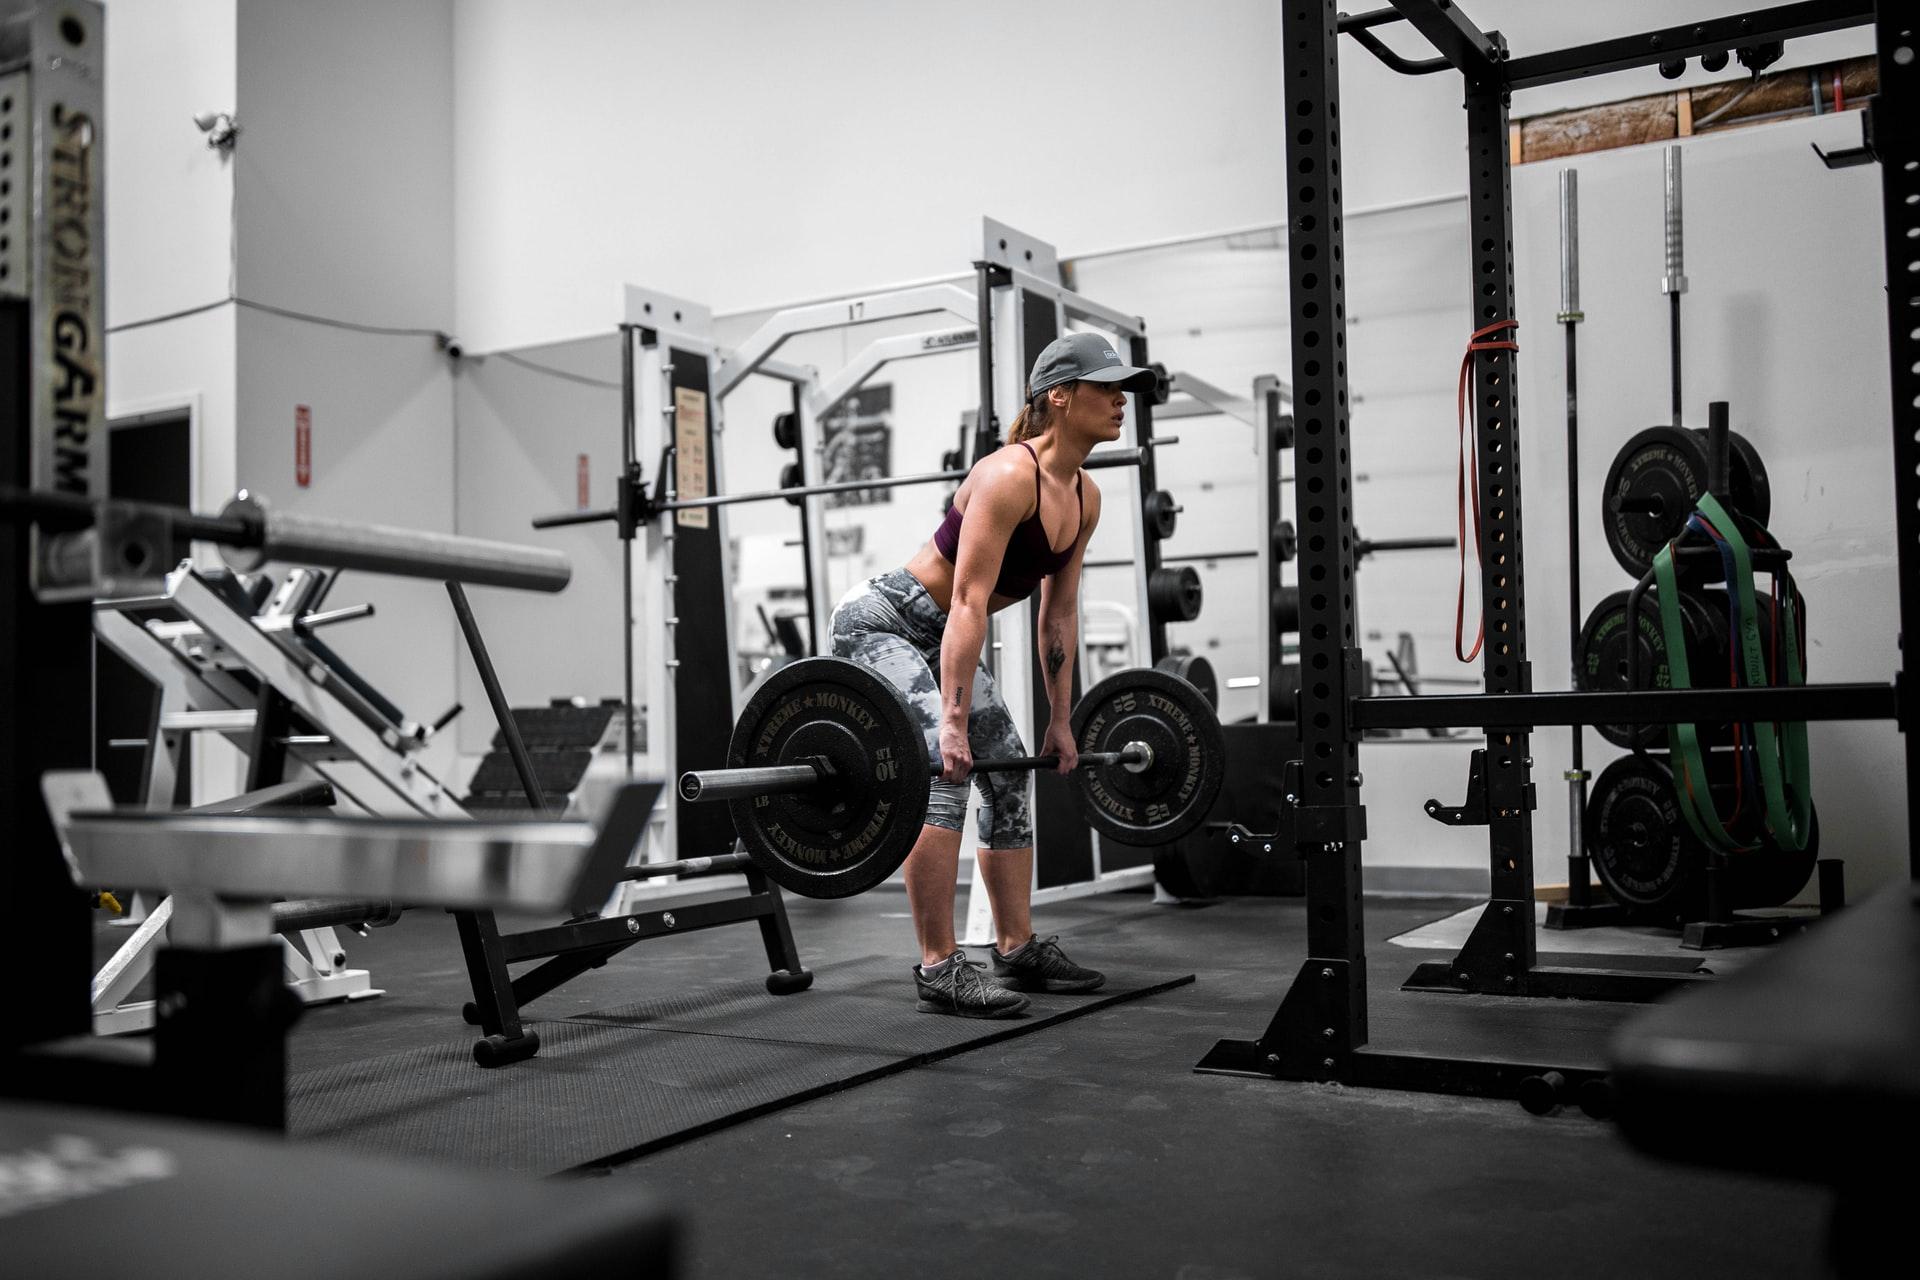 El peso muerto es uno de los grandes ejercicios para ganar fuerza